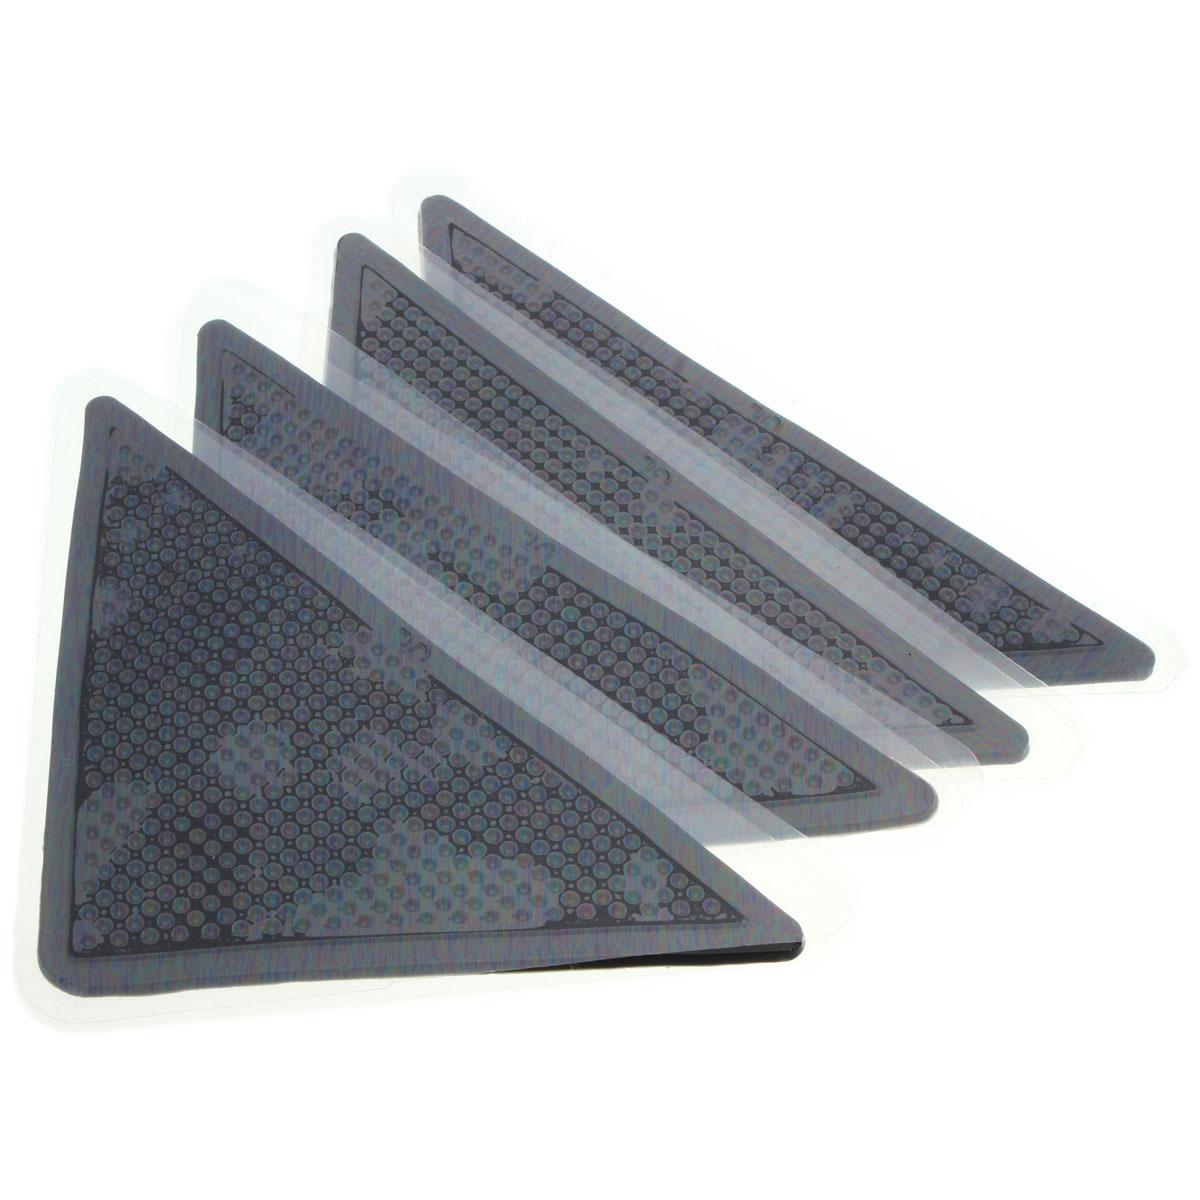 jual 4x rug carpet mat grippers anti slip anti skid reusable